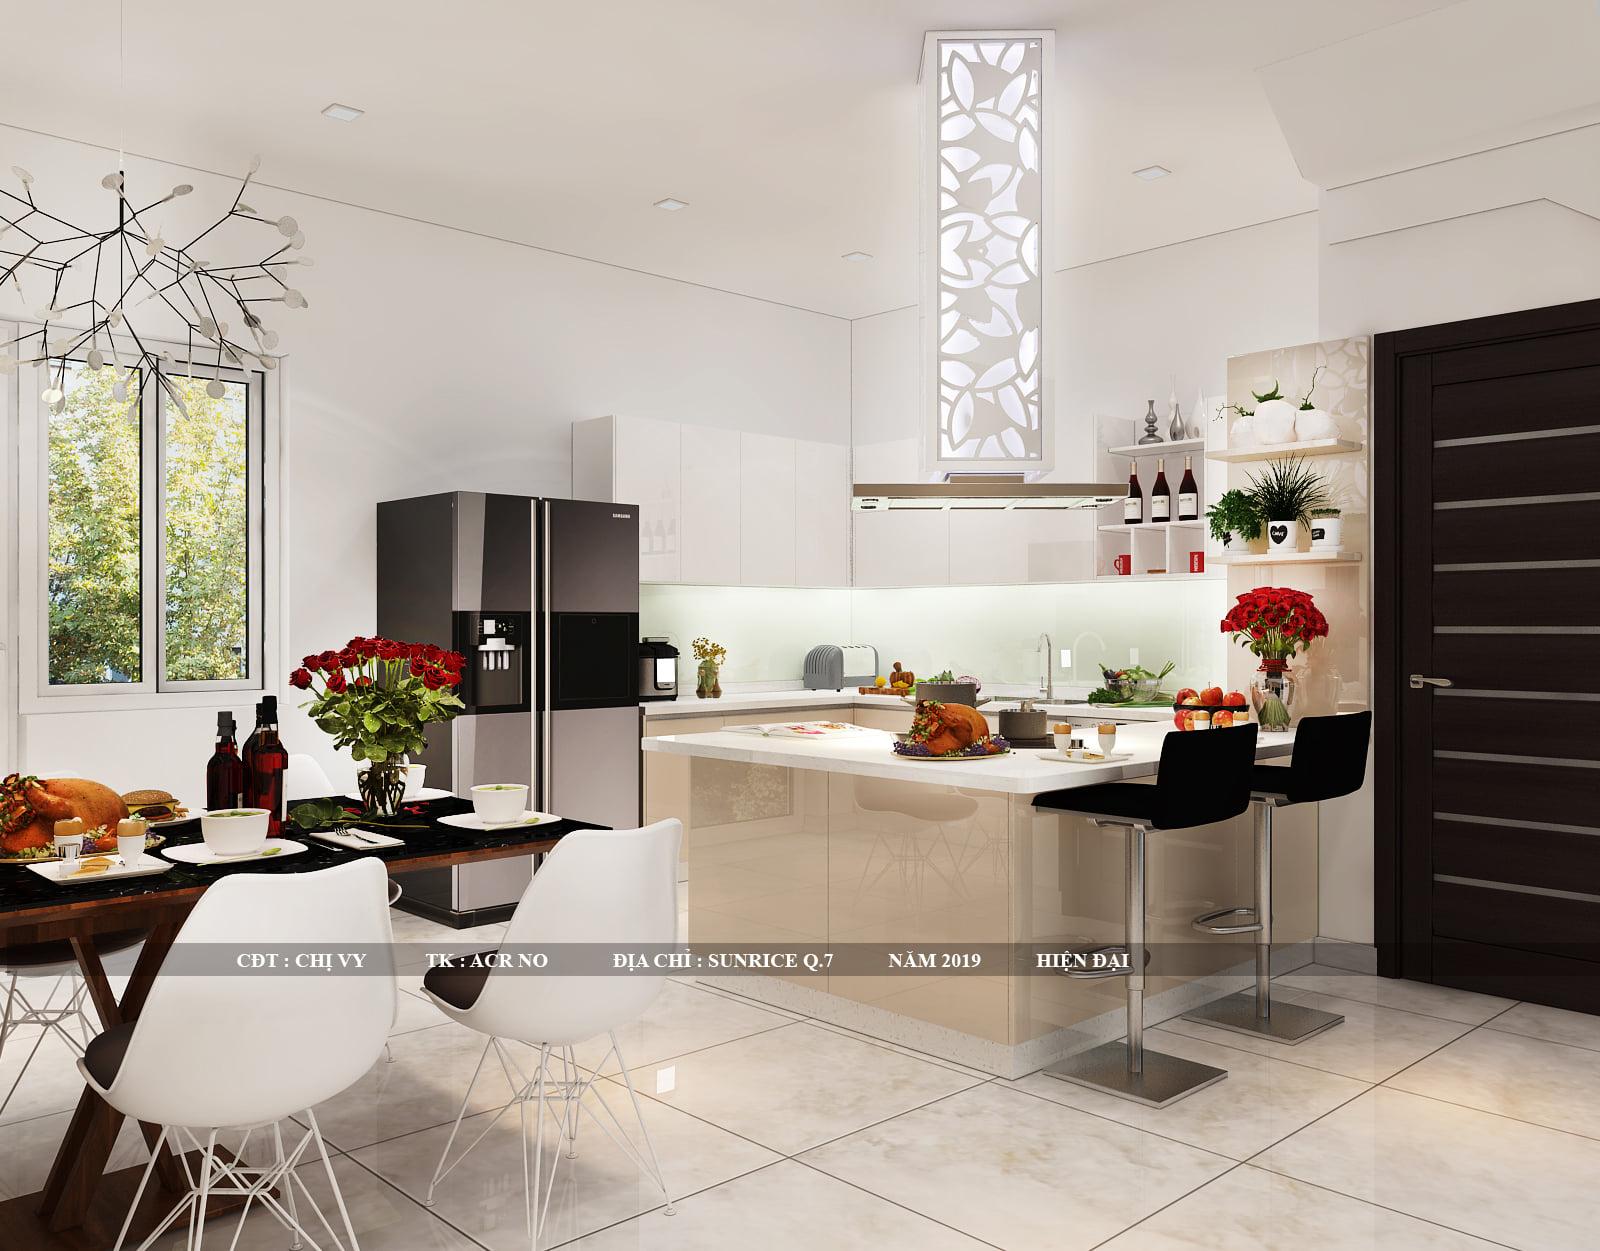 Thiết kế nội thất nhà bếp không gian mở, hướng ra sân vườn